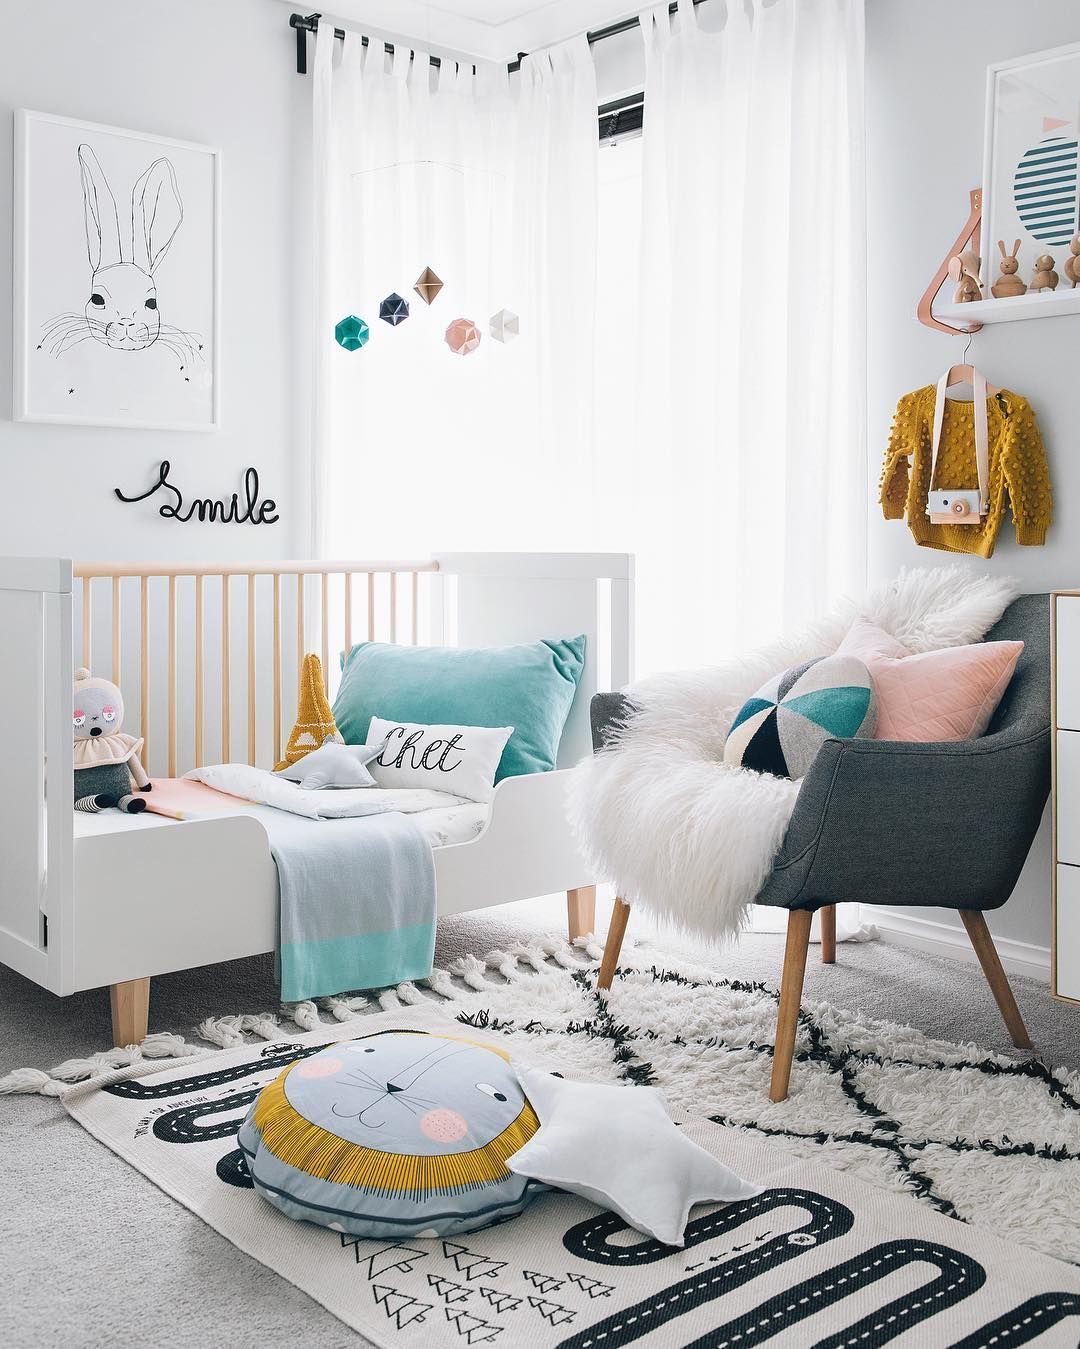 Kinderzimmer Einrichten Inspiration. So schön, hell und modern!